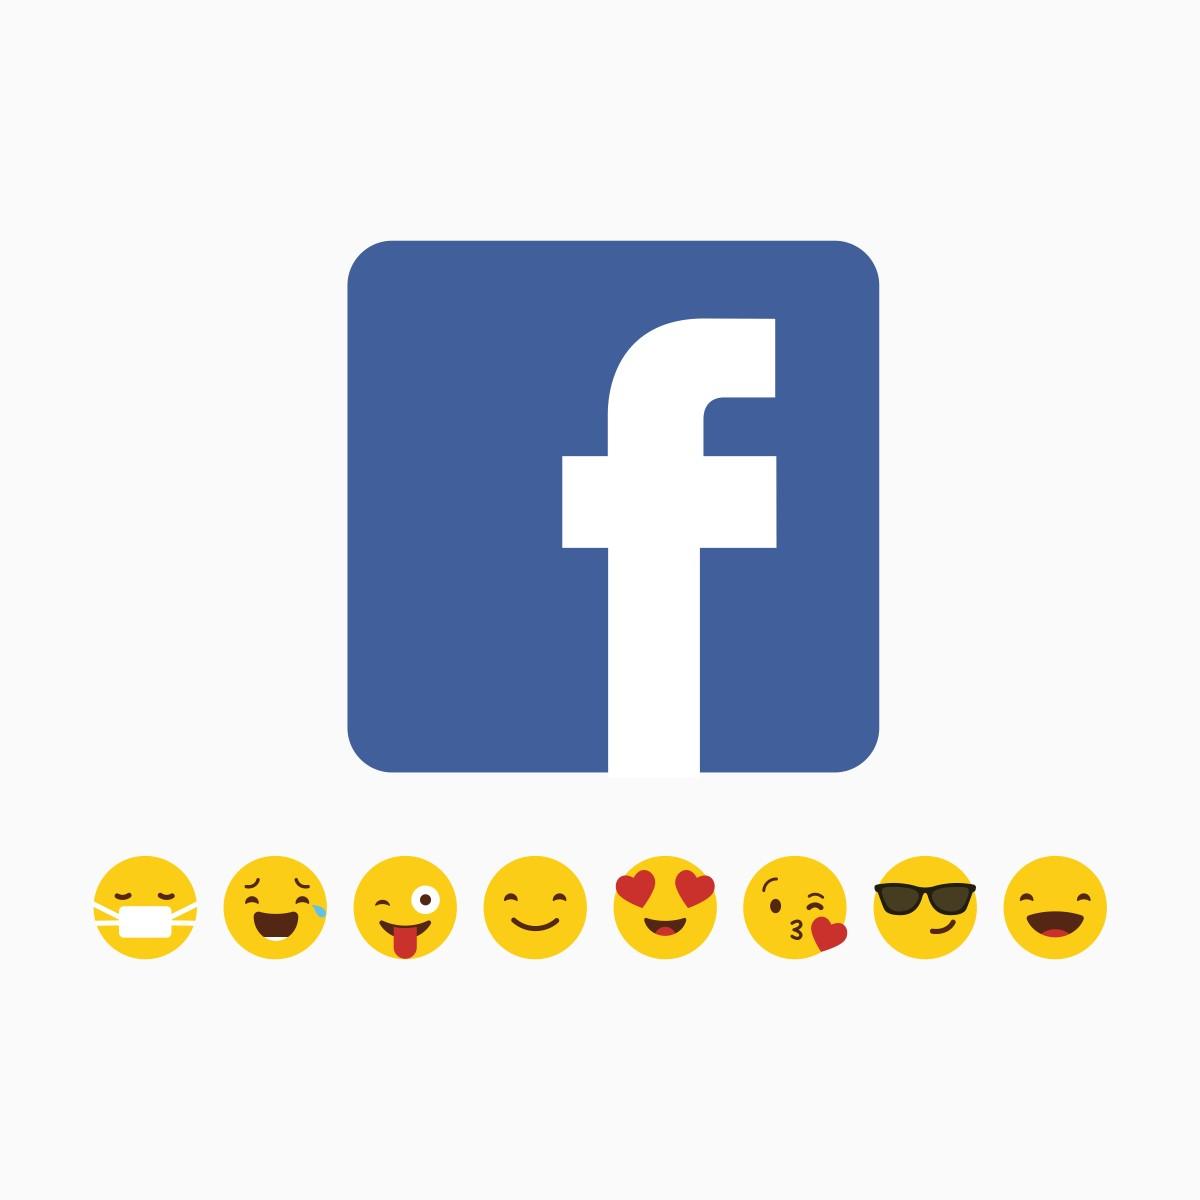 Facebook, logo ed emoticons